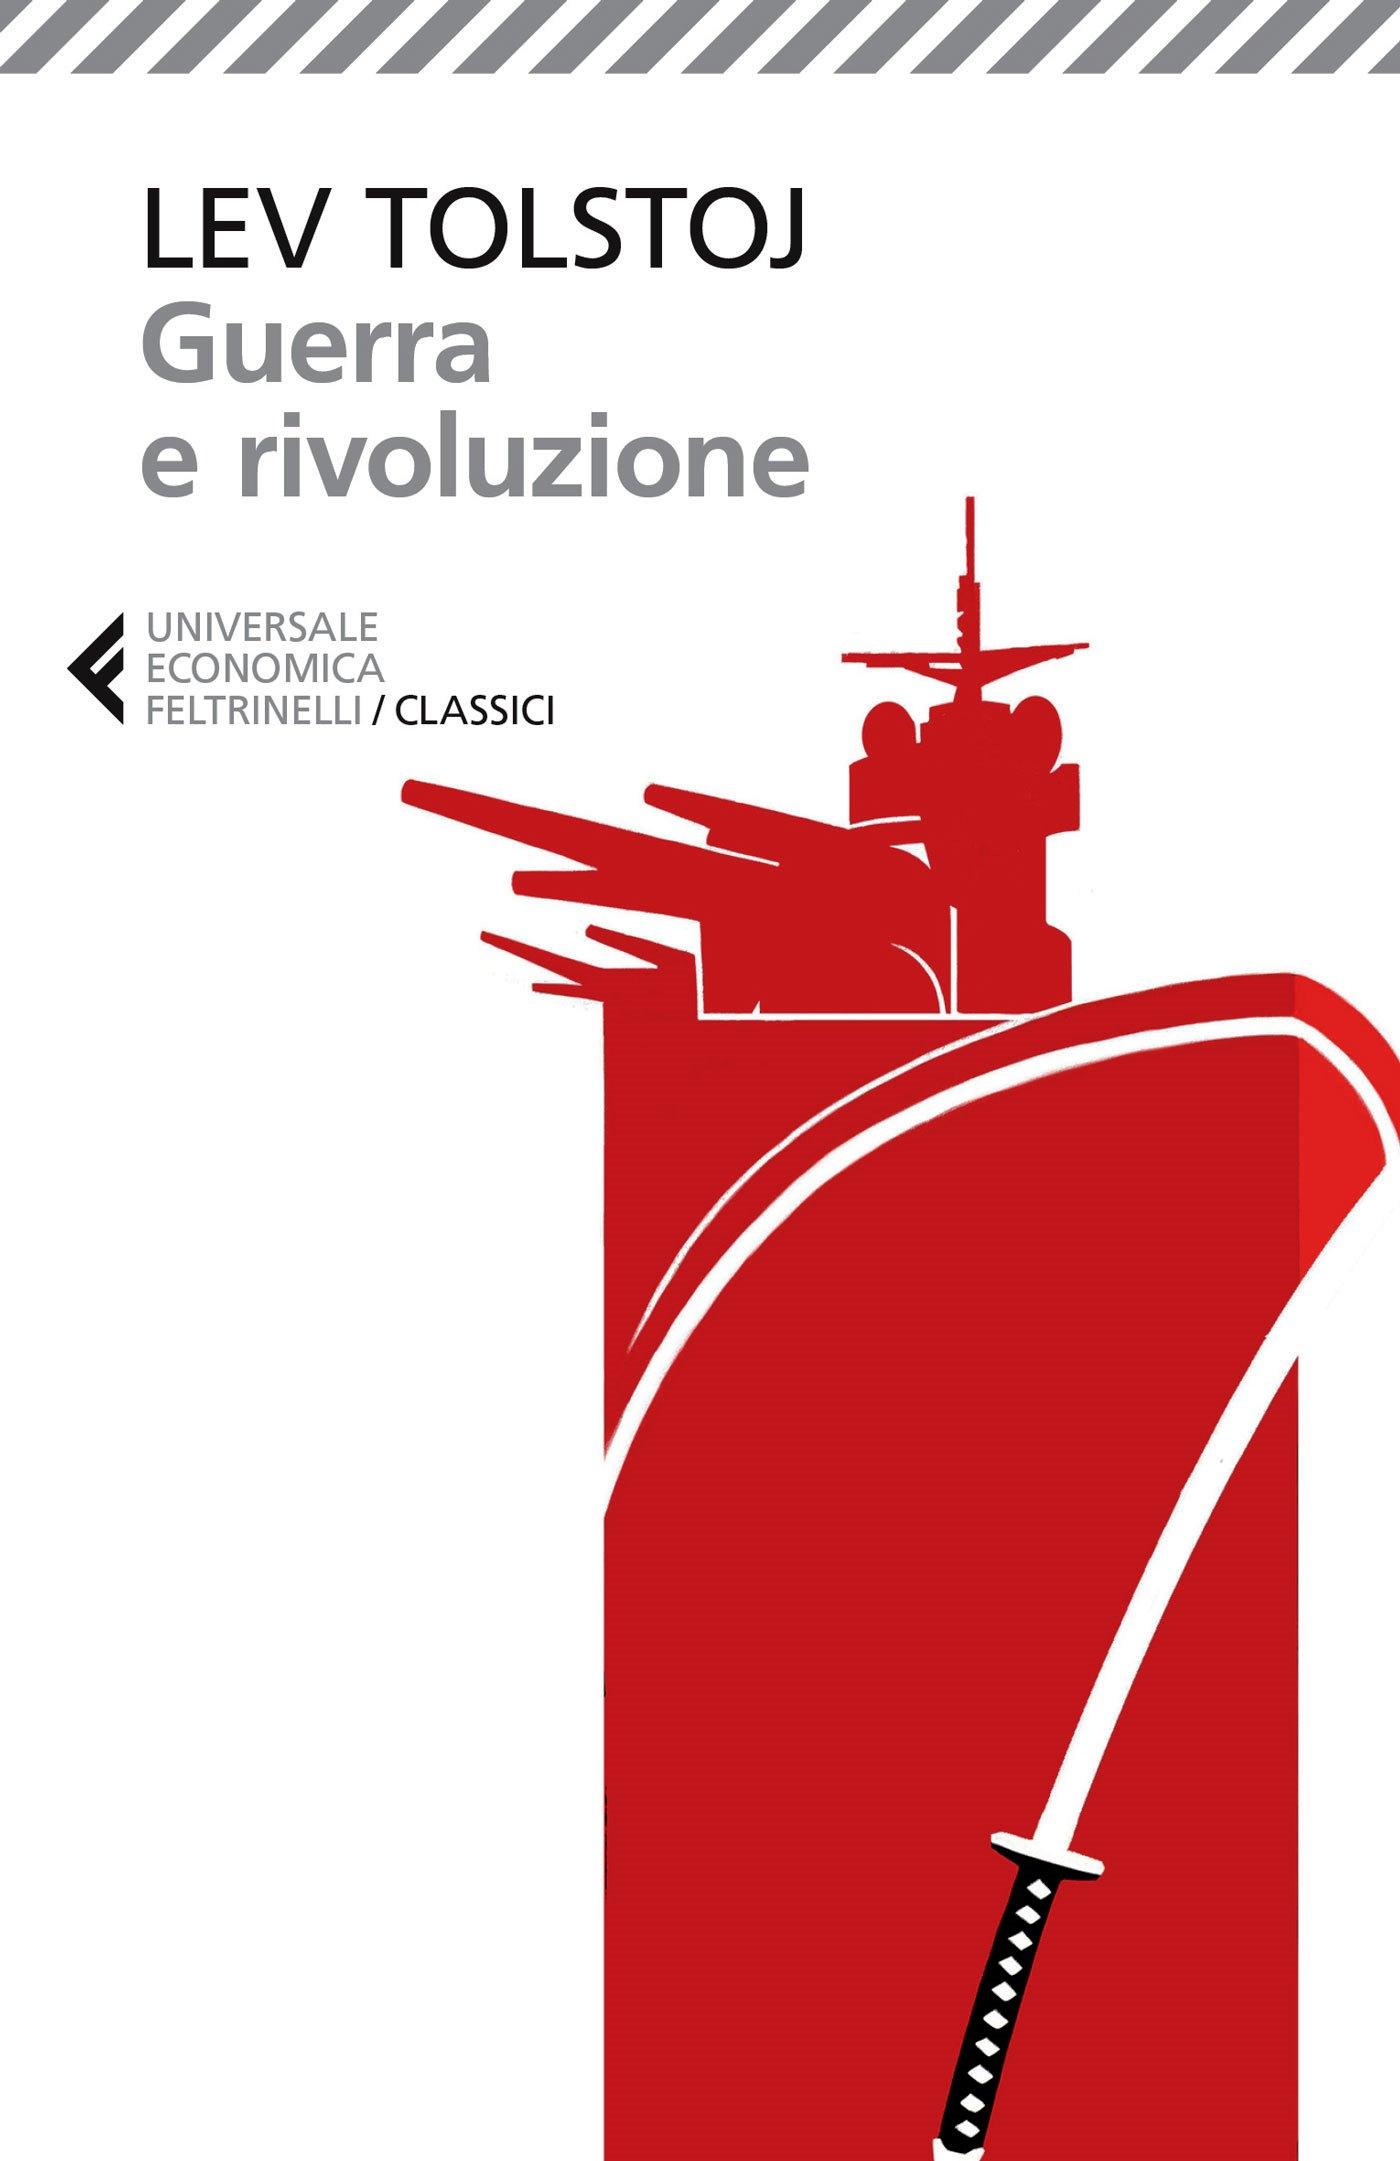 """La copertina del volume """"Guerra e rivoluzione"""" di Lev Tolstoj (Feltrinelli. Universale Economica I Classici, pagine 192, € 8,50). A cura di Roberto Coaloa. L'autore della copertina Feltrinelli è l'illustratore Ivan Canu. Il grafico è Cristiano Guerri."""